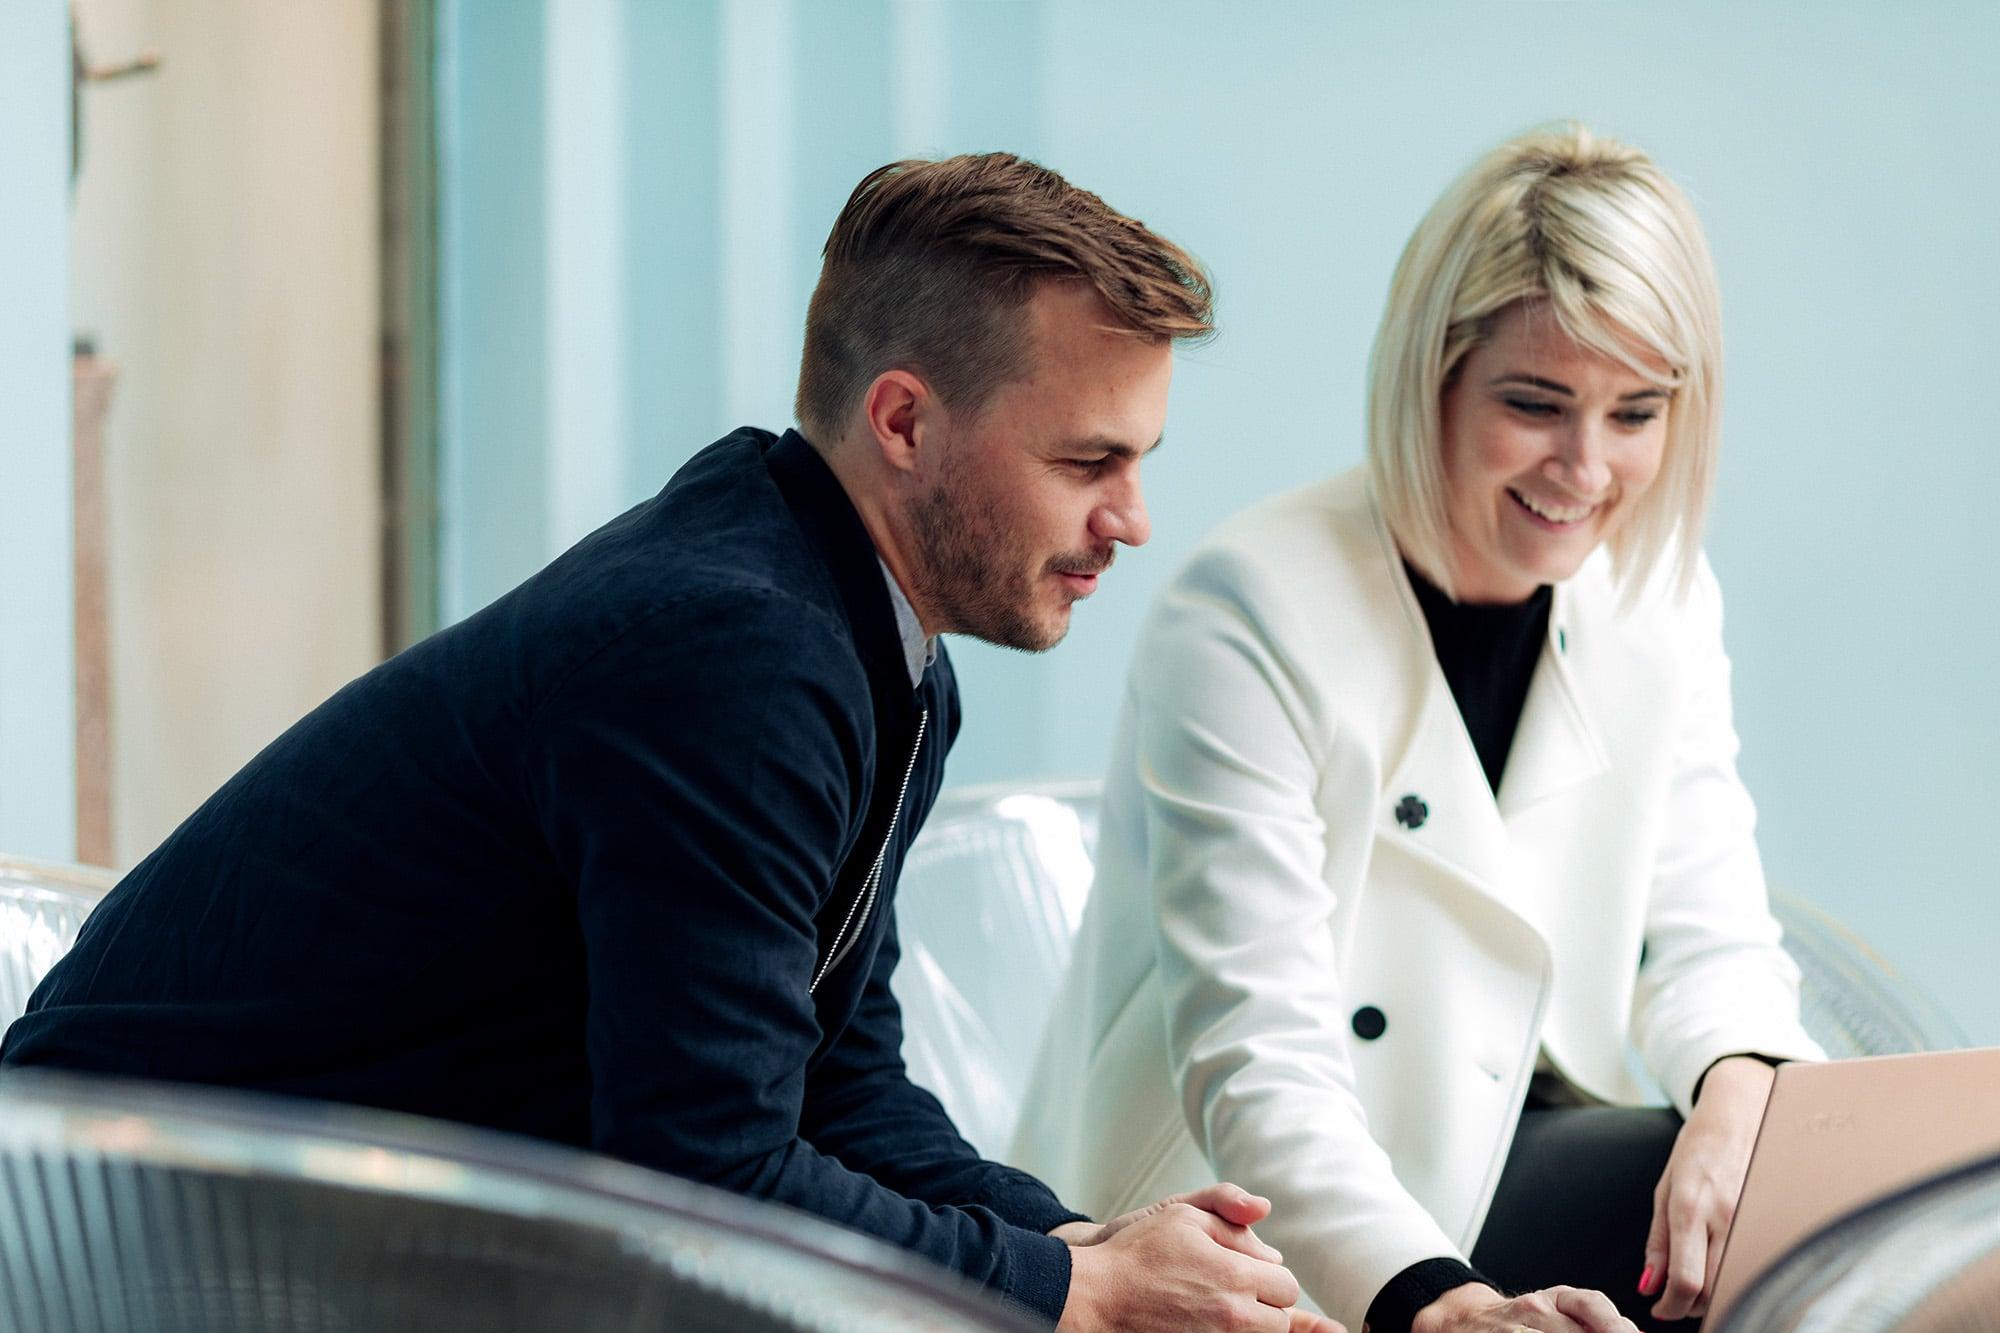 Mann og dame ser på pc-skjerm og smiler